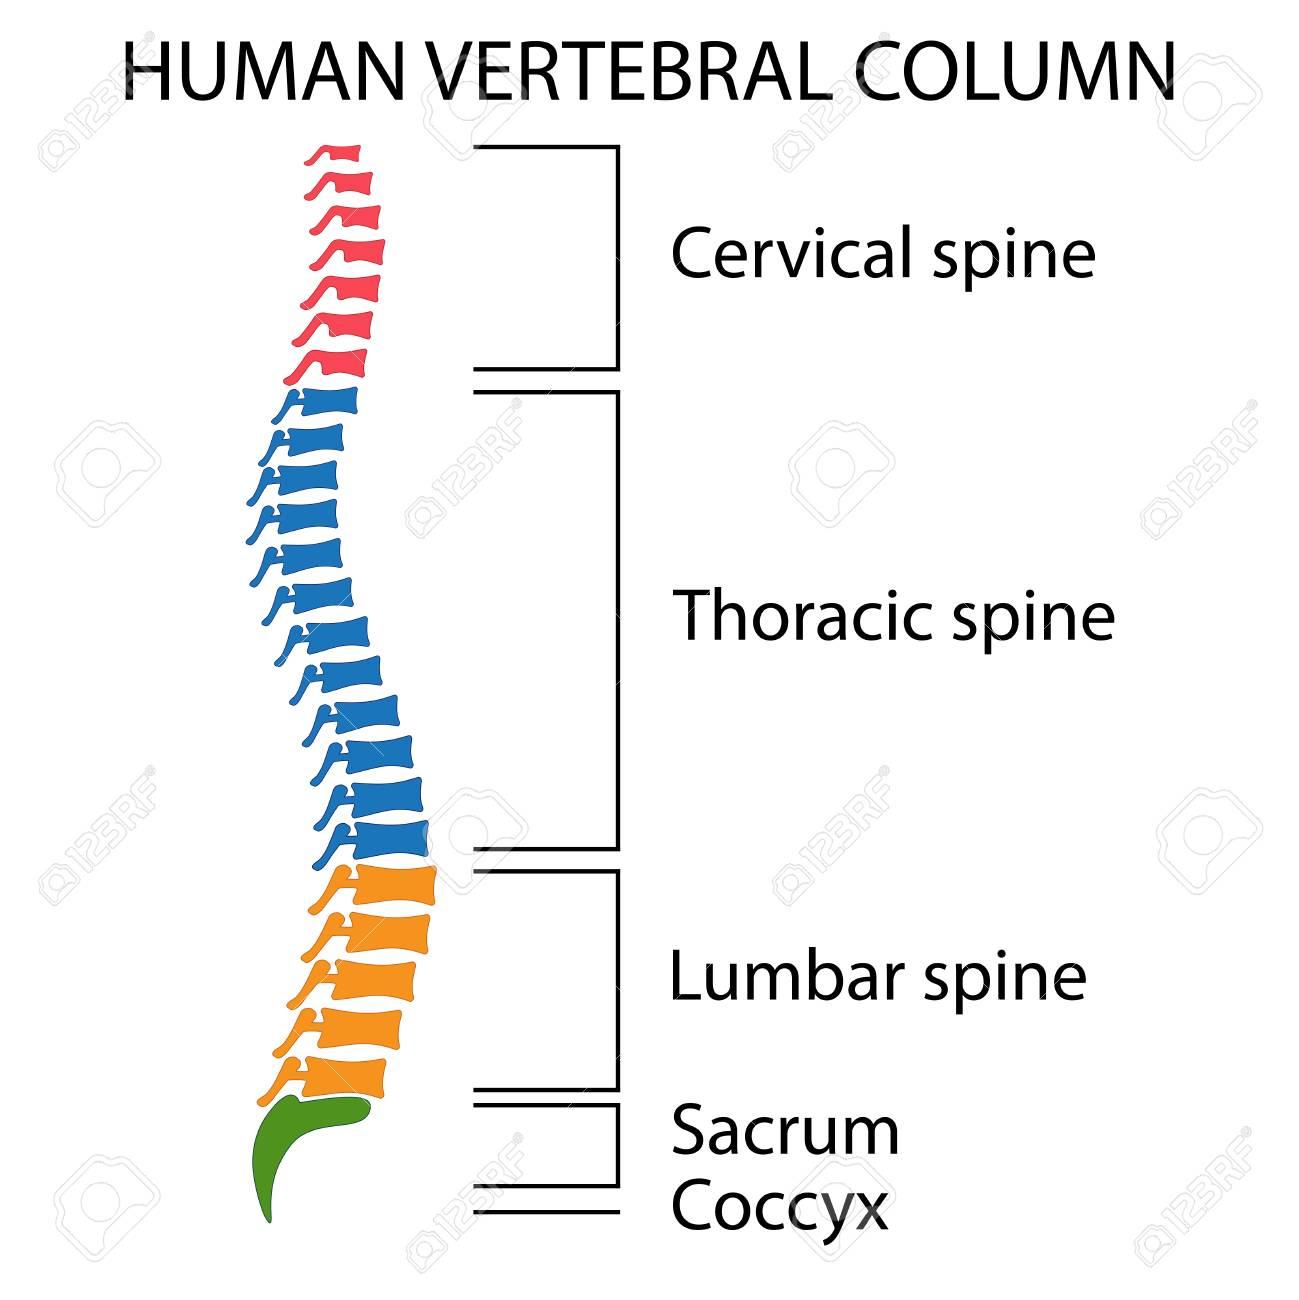 Diagrama De Una Columna Vertebral Humana Con Nombres De Todas Las ...